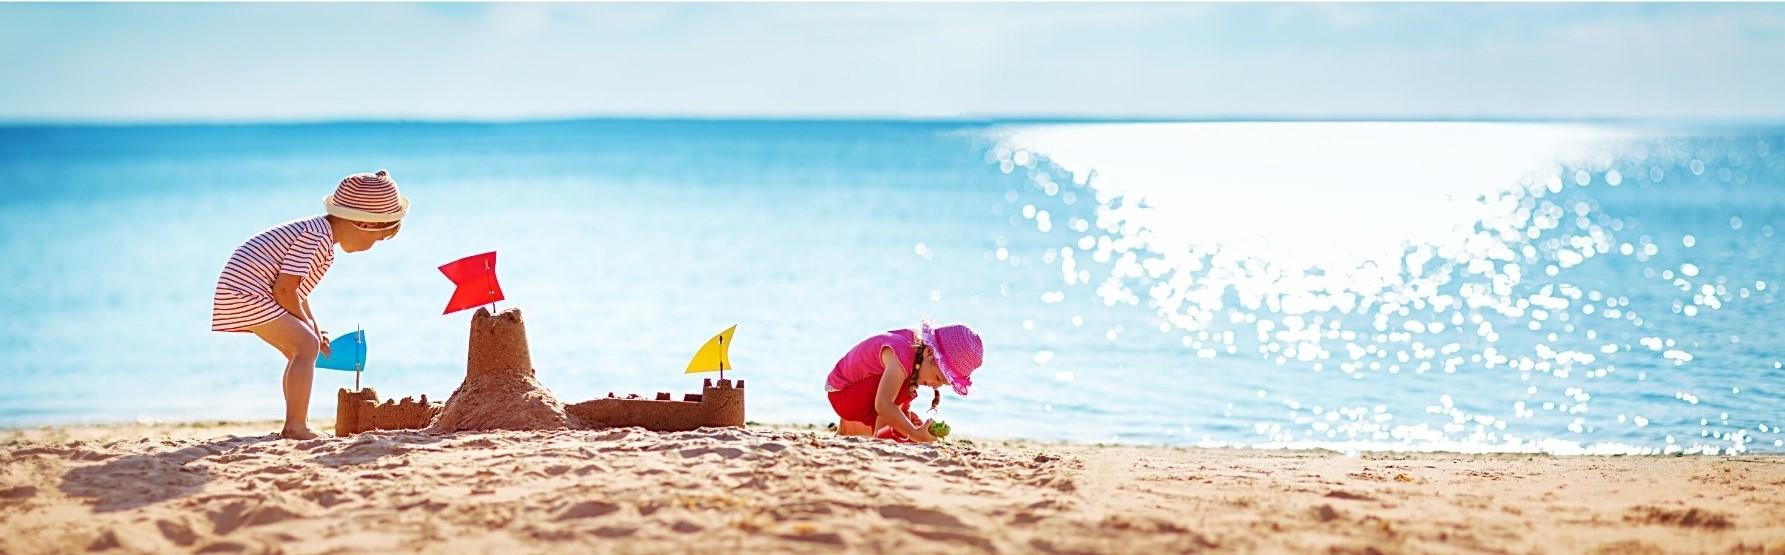 Protégez vos enfants à la plage